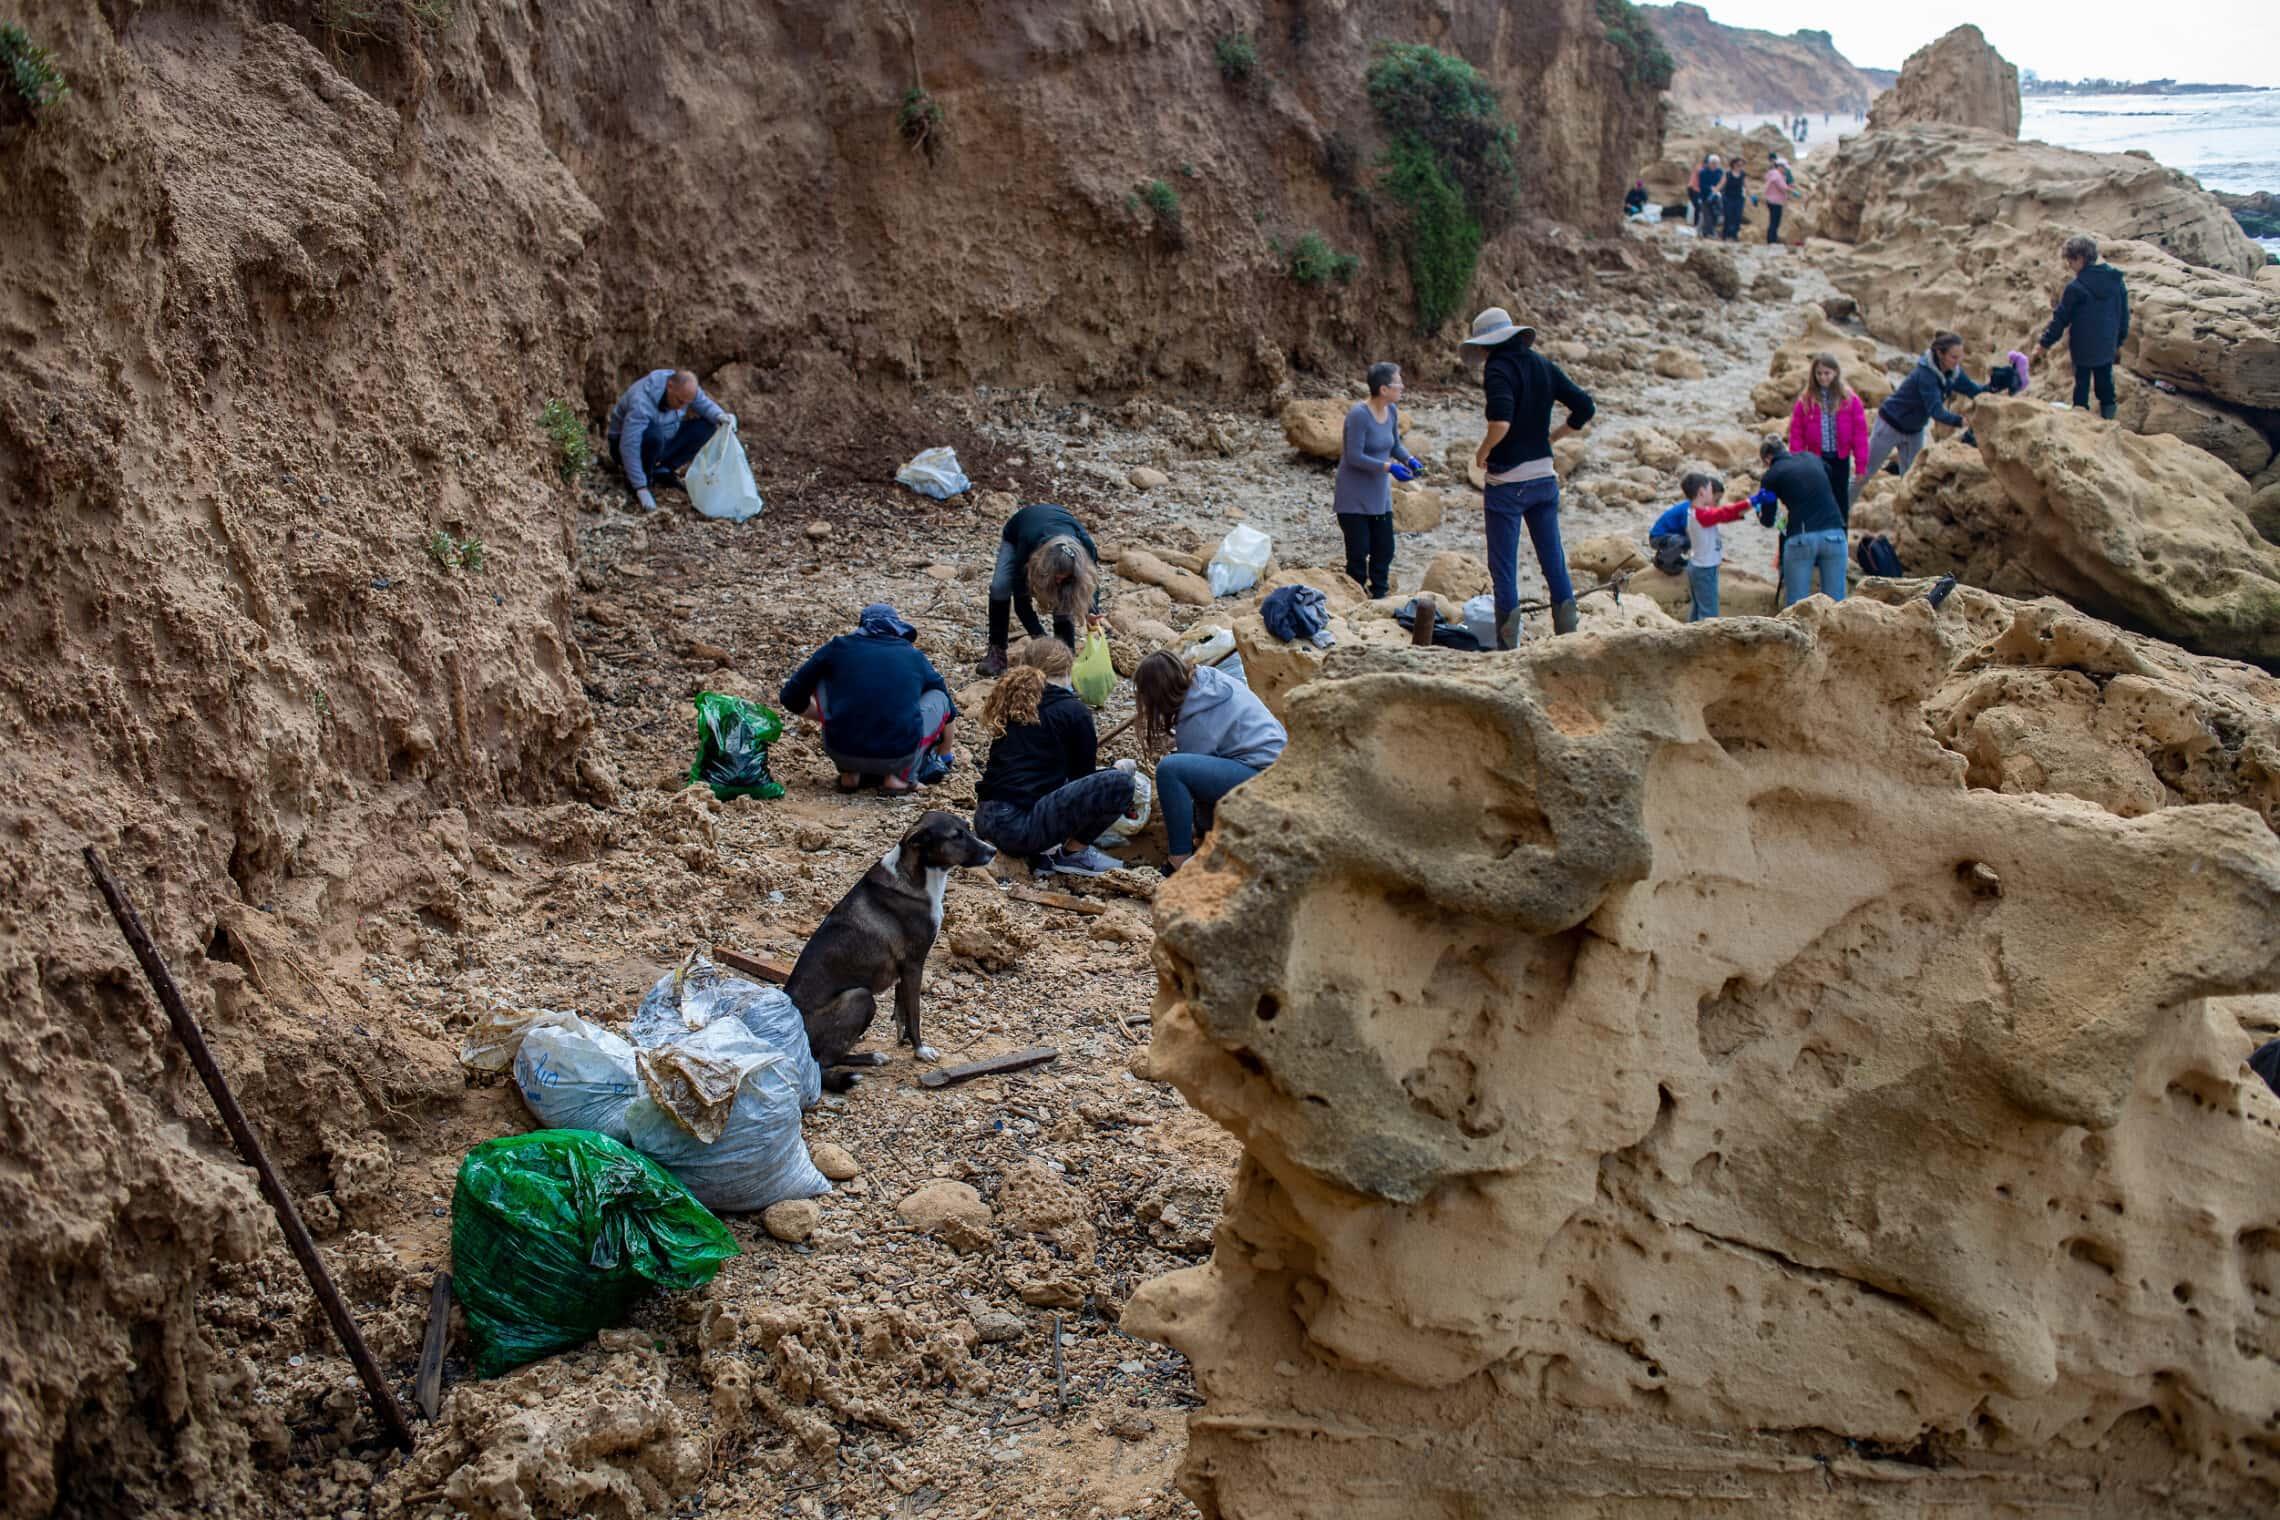 מתנדבים מנקים זפת בחוף ליד חדרה, 20 בפברואר 2021 (צילום: AP Photo/Ariel Schalit)